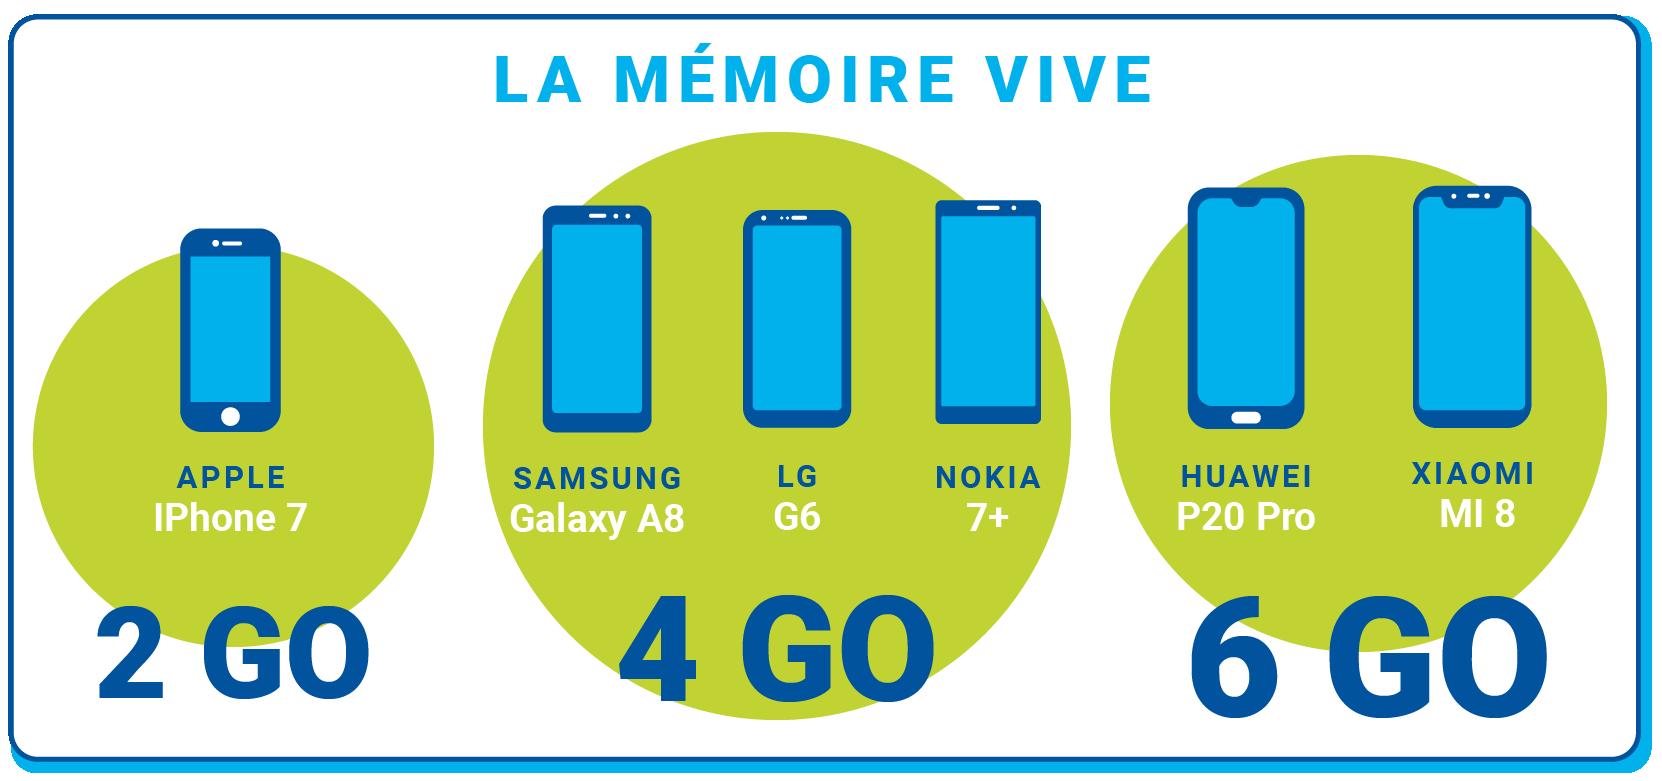 Mémoire vive des différents smartphones